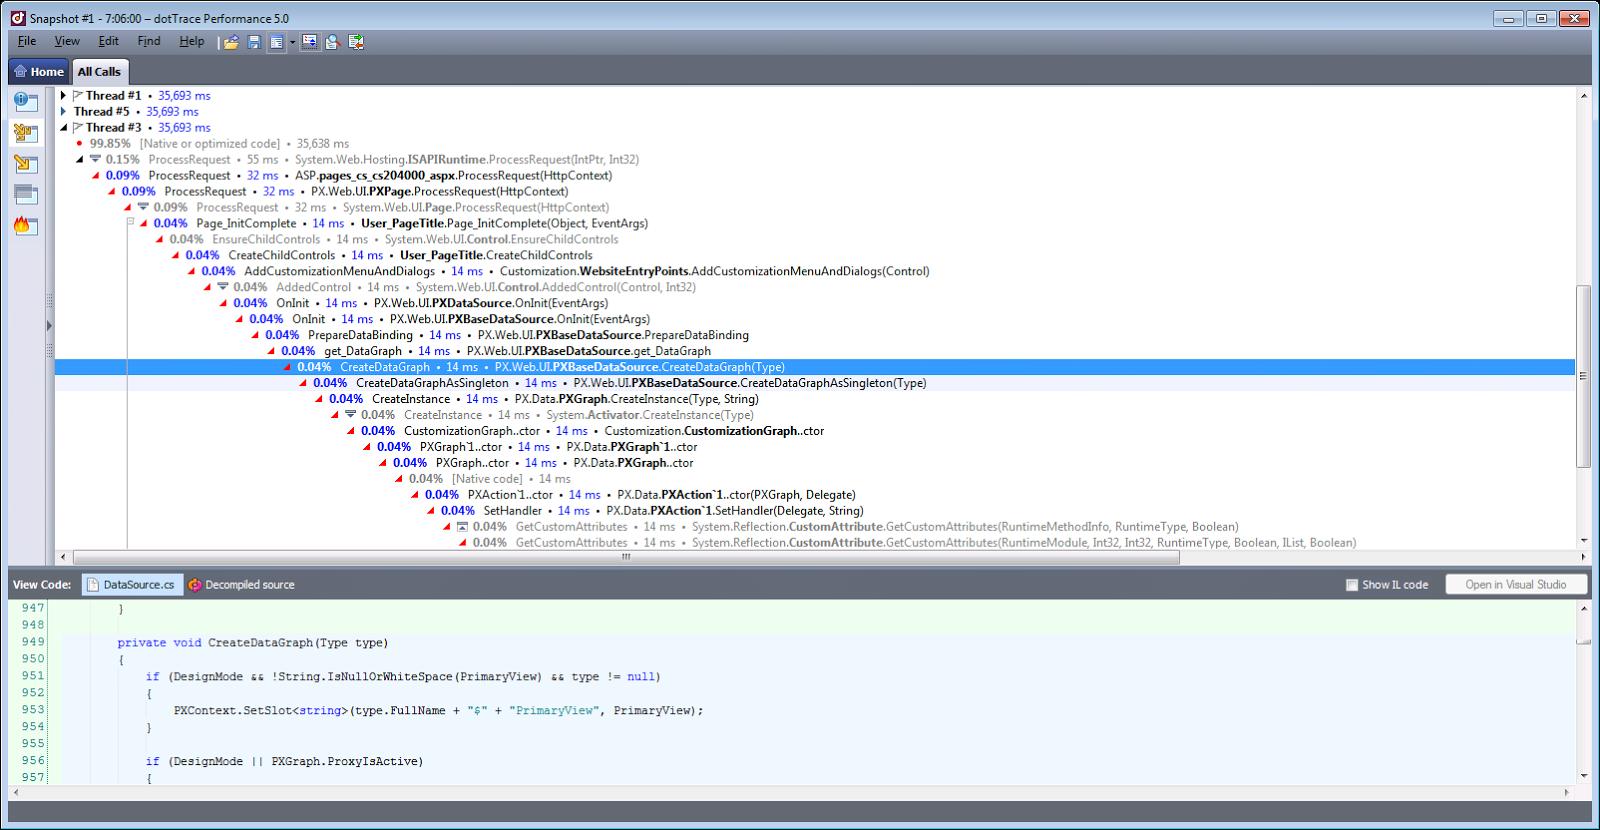 JetBrains Dot Trace Prefomance